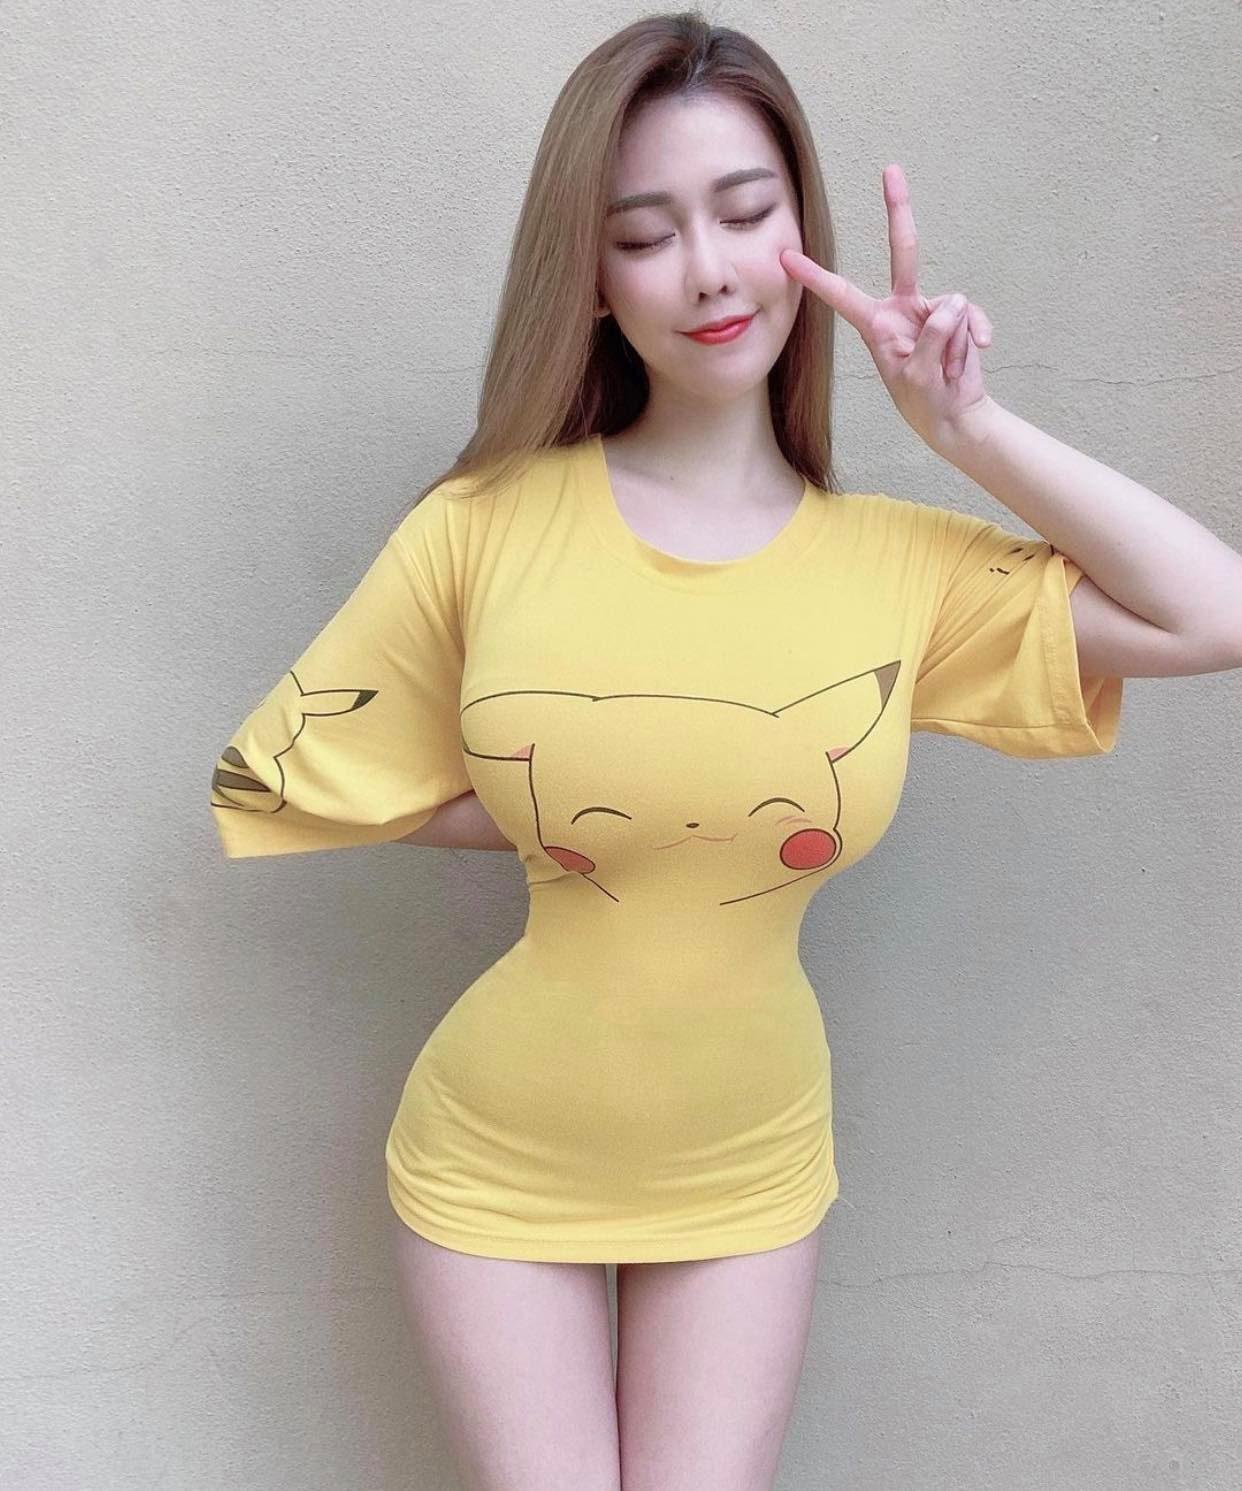 Cô giáo Đài Bắc bị đình chỉ giảng dạy vì loạt áo Pikachu - 4